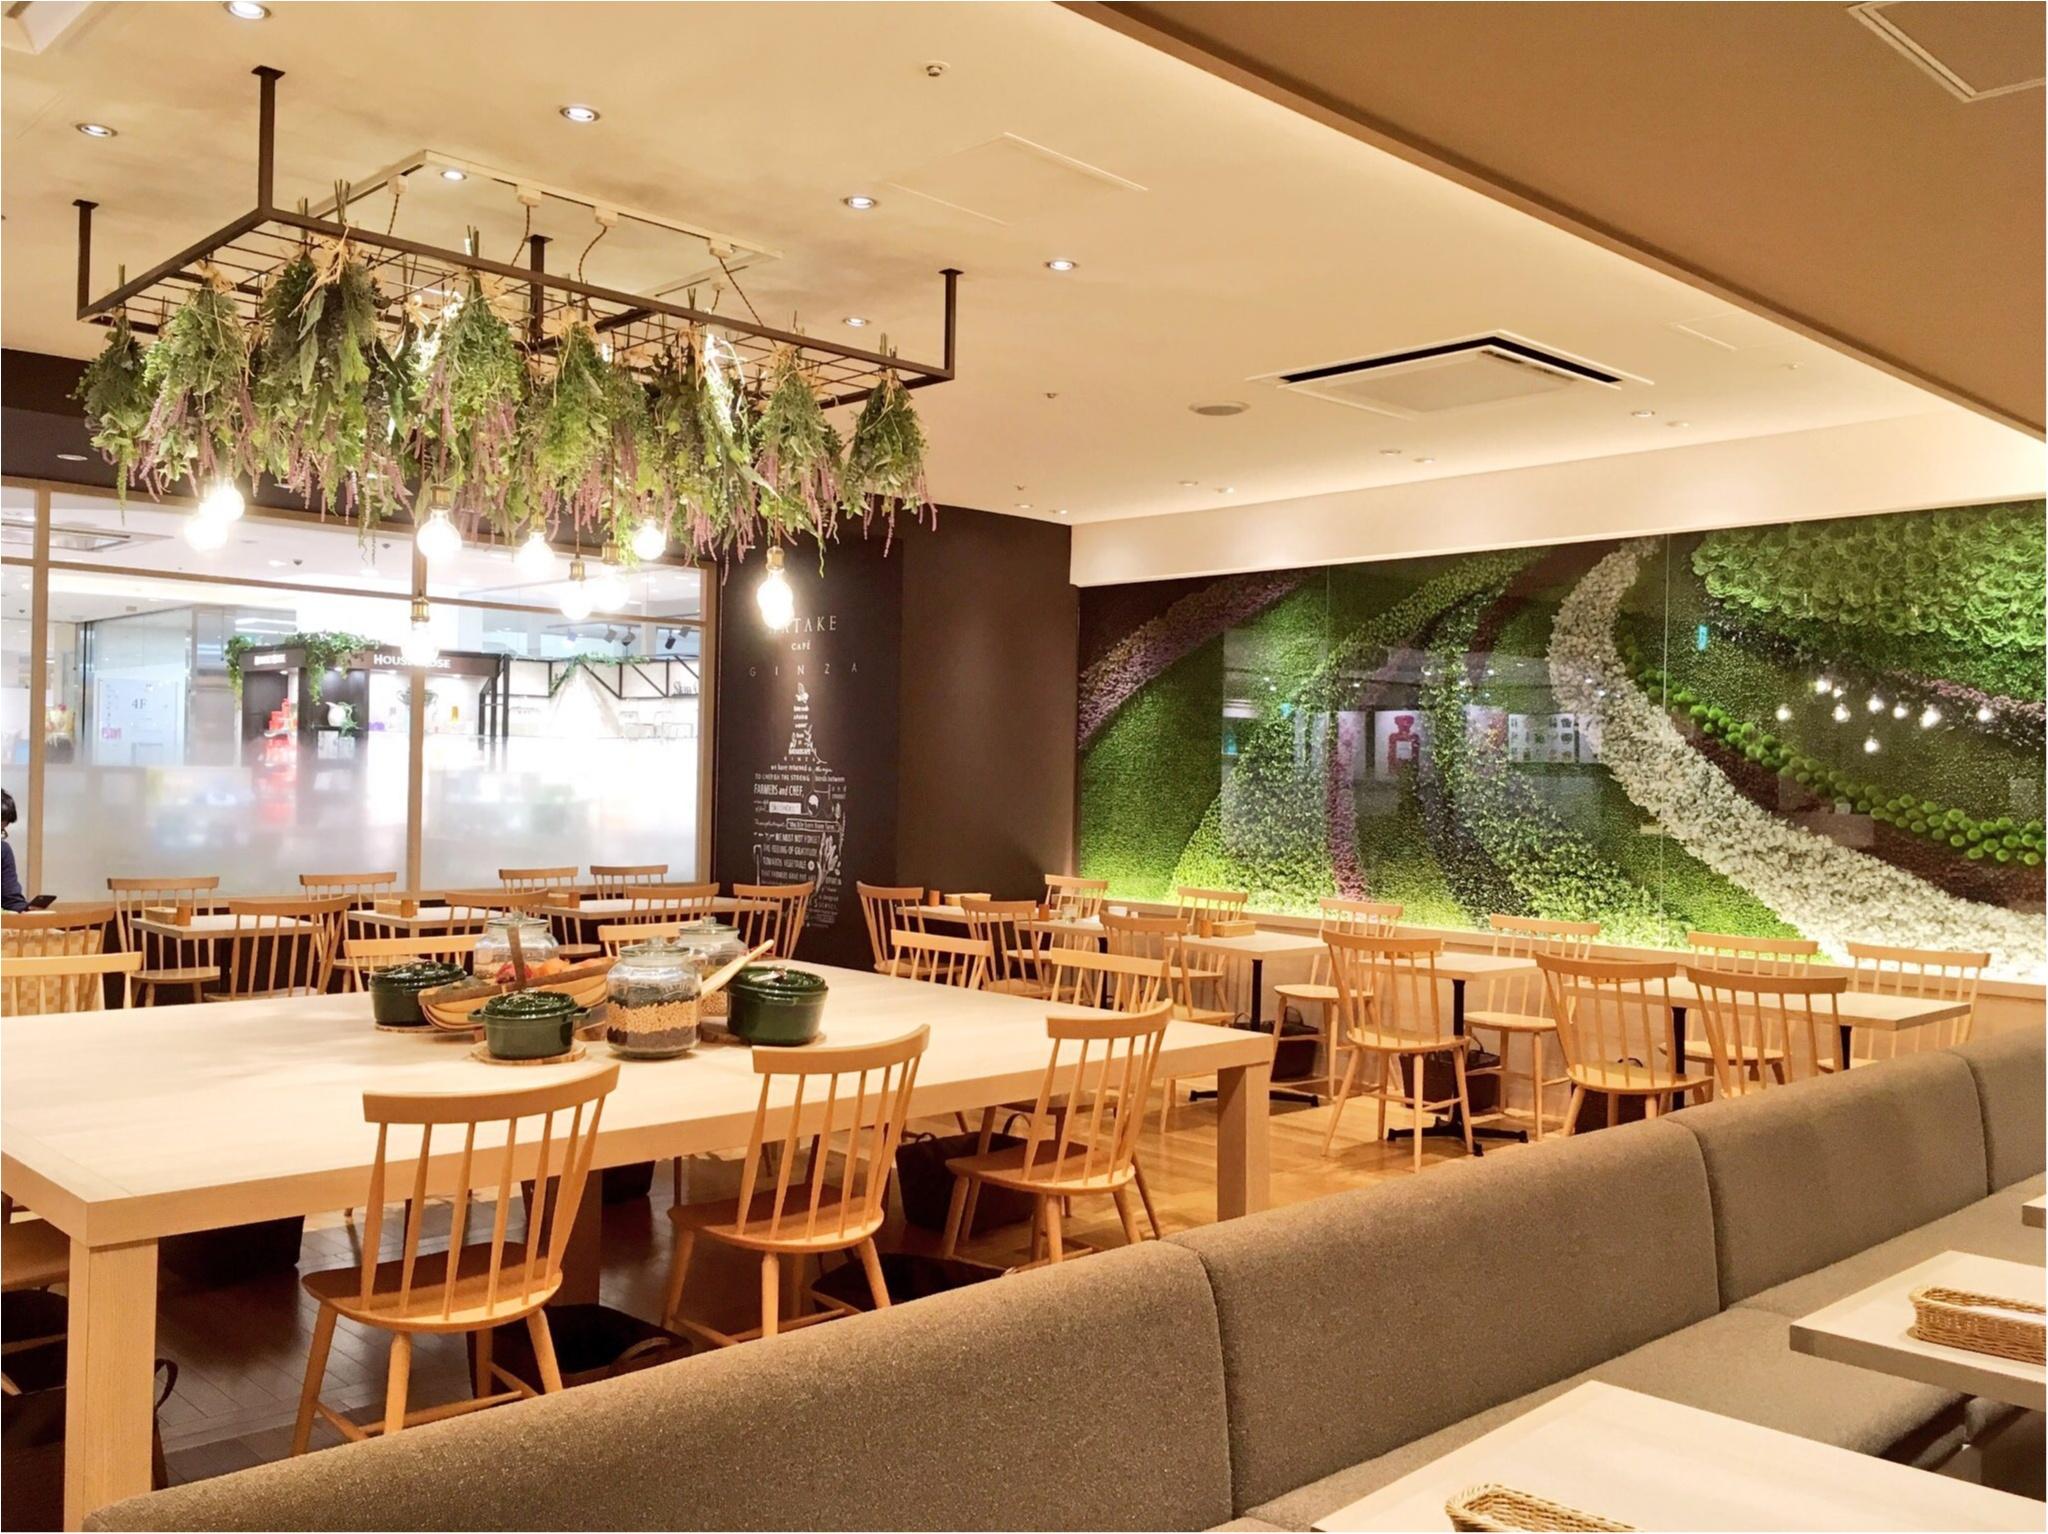 銀座マロニエゲート『HATAKE CAFE』のメニューが体に優しい&おいしすぎる〜(﹡´◡`﹡ )♡_3